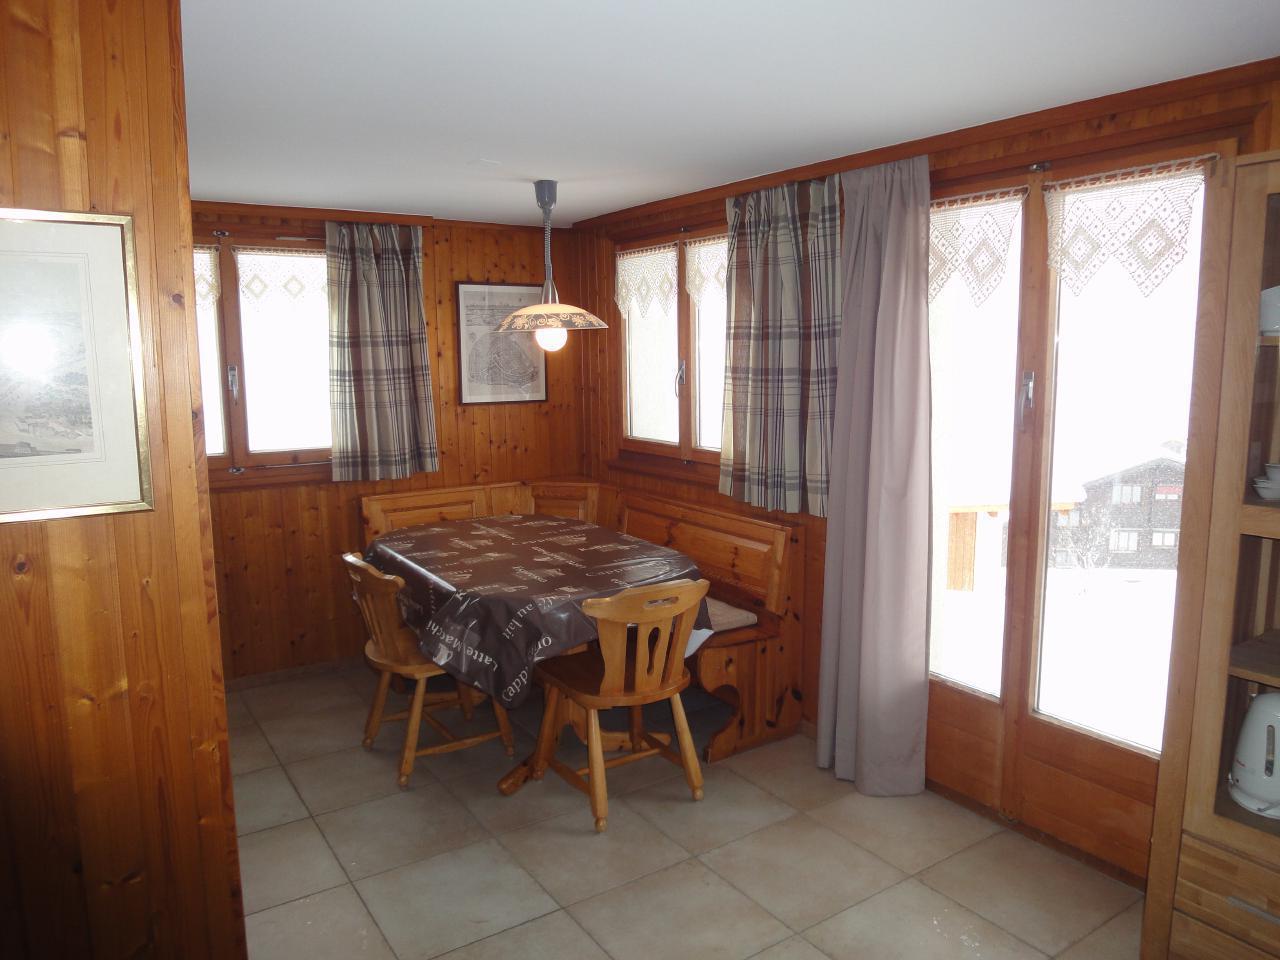 Appartement de vacances Chalet Stefanino, 2 1/2 Zimmer (488625), Bellwald, Aletsch - Conches, Valais, Suisse, image 6